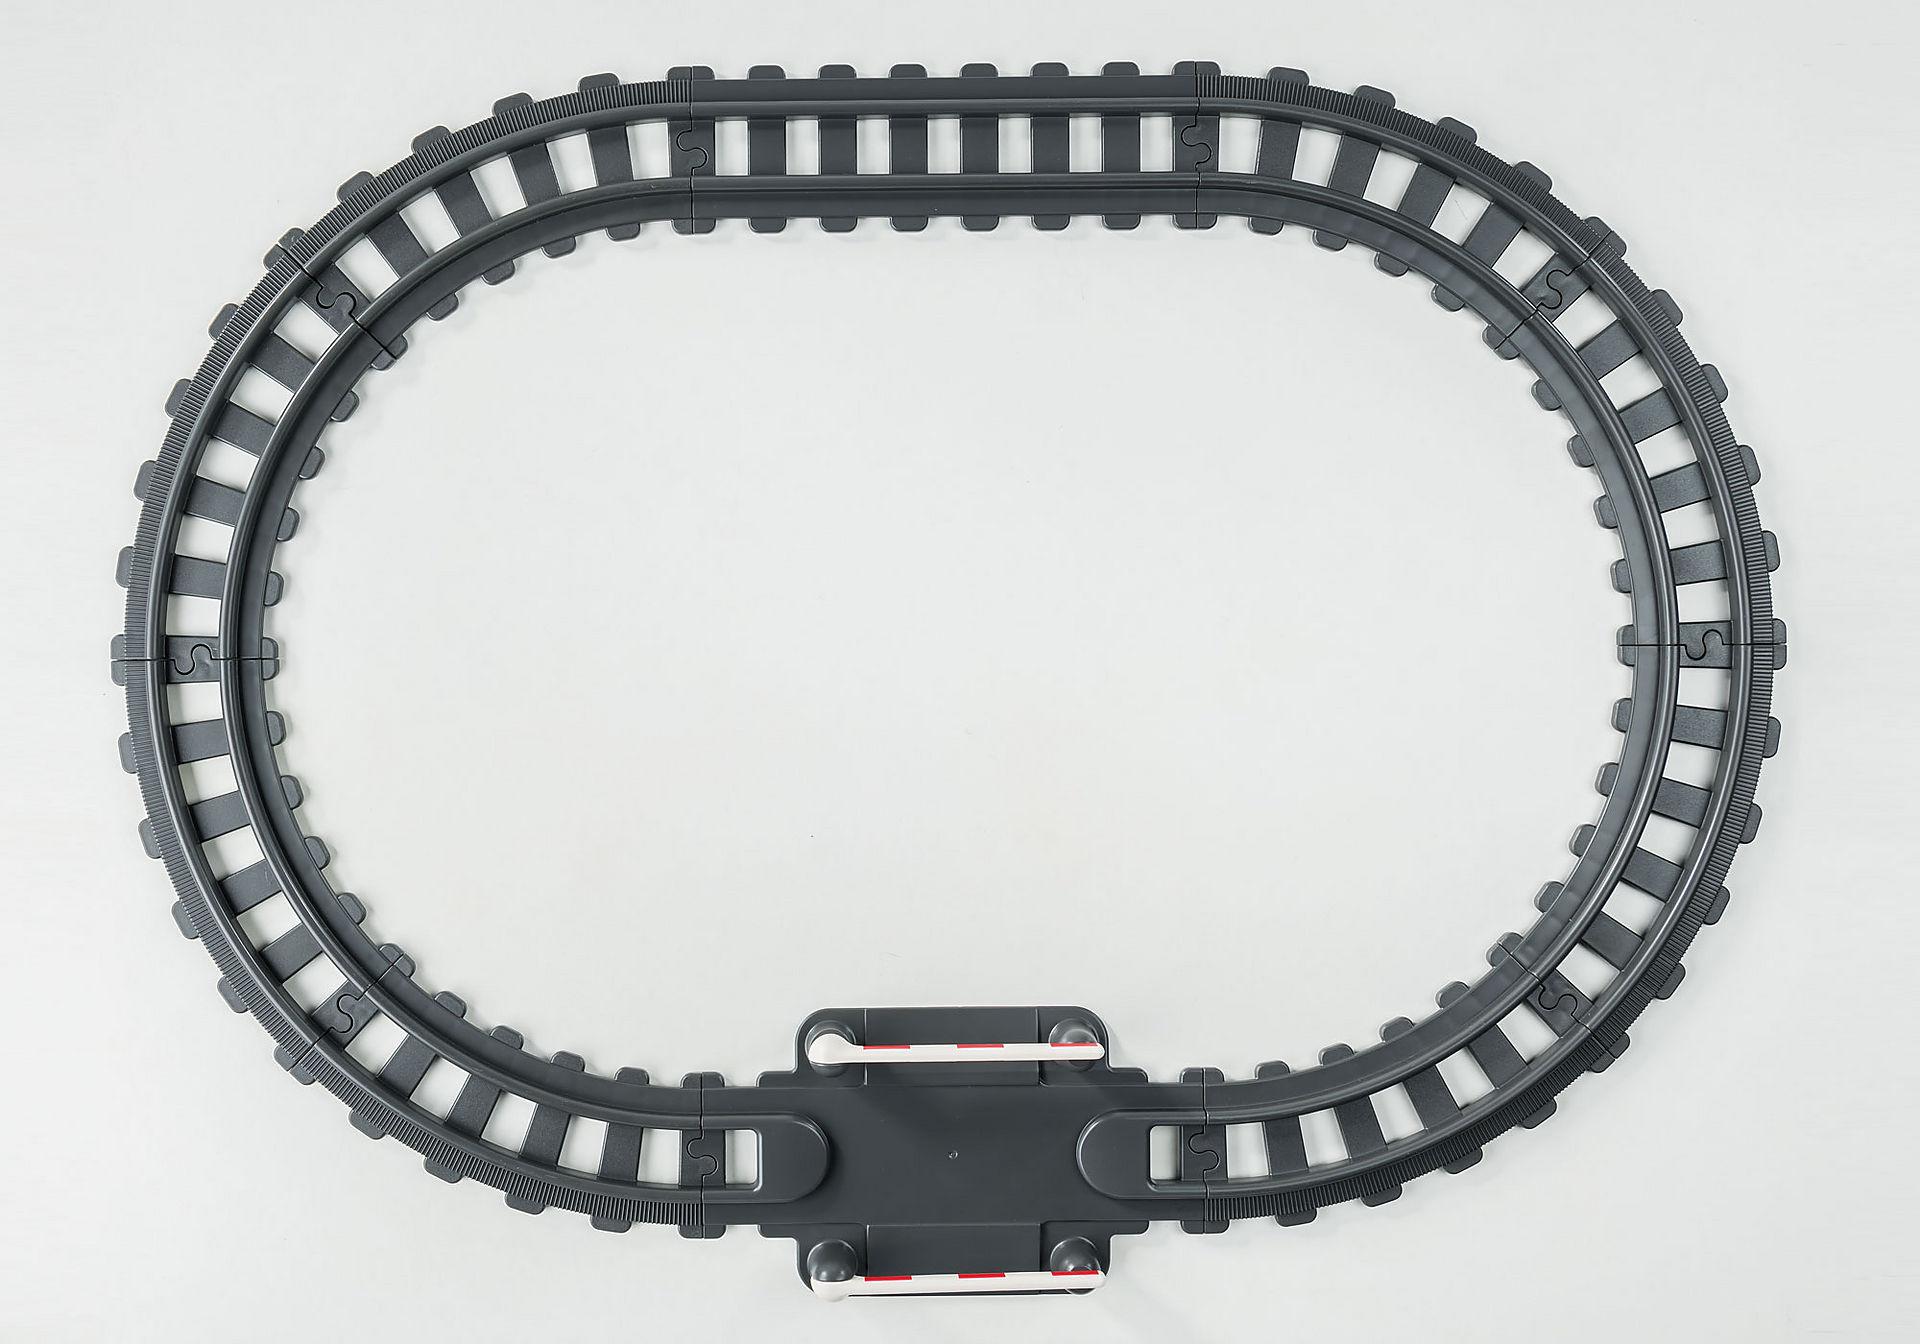 70179 Train avec passagers et circuit zoom image6